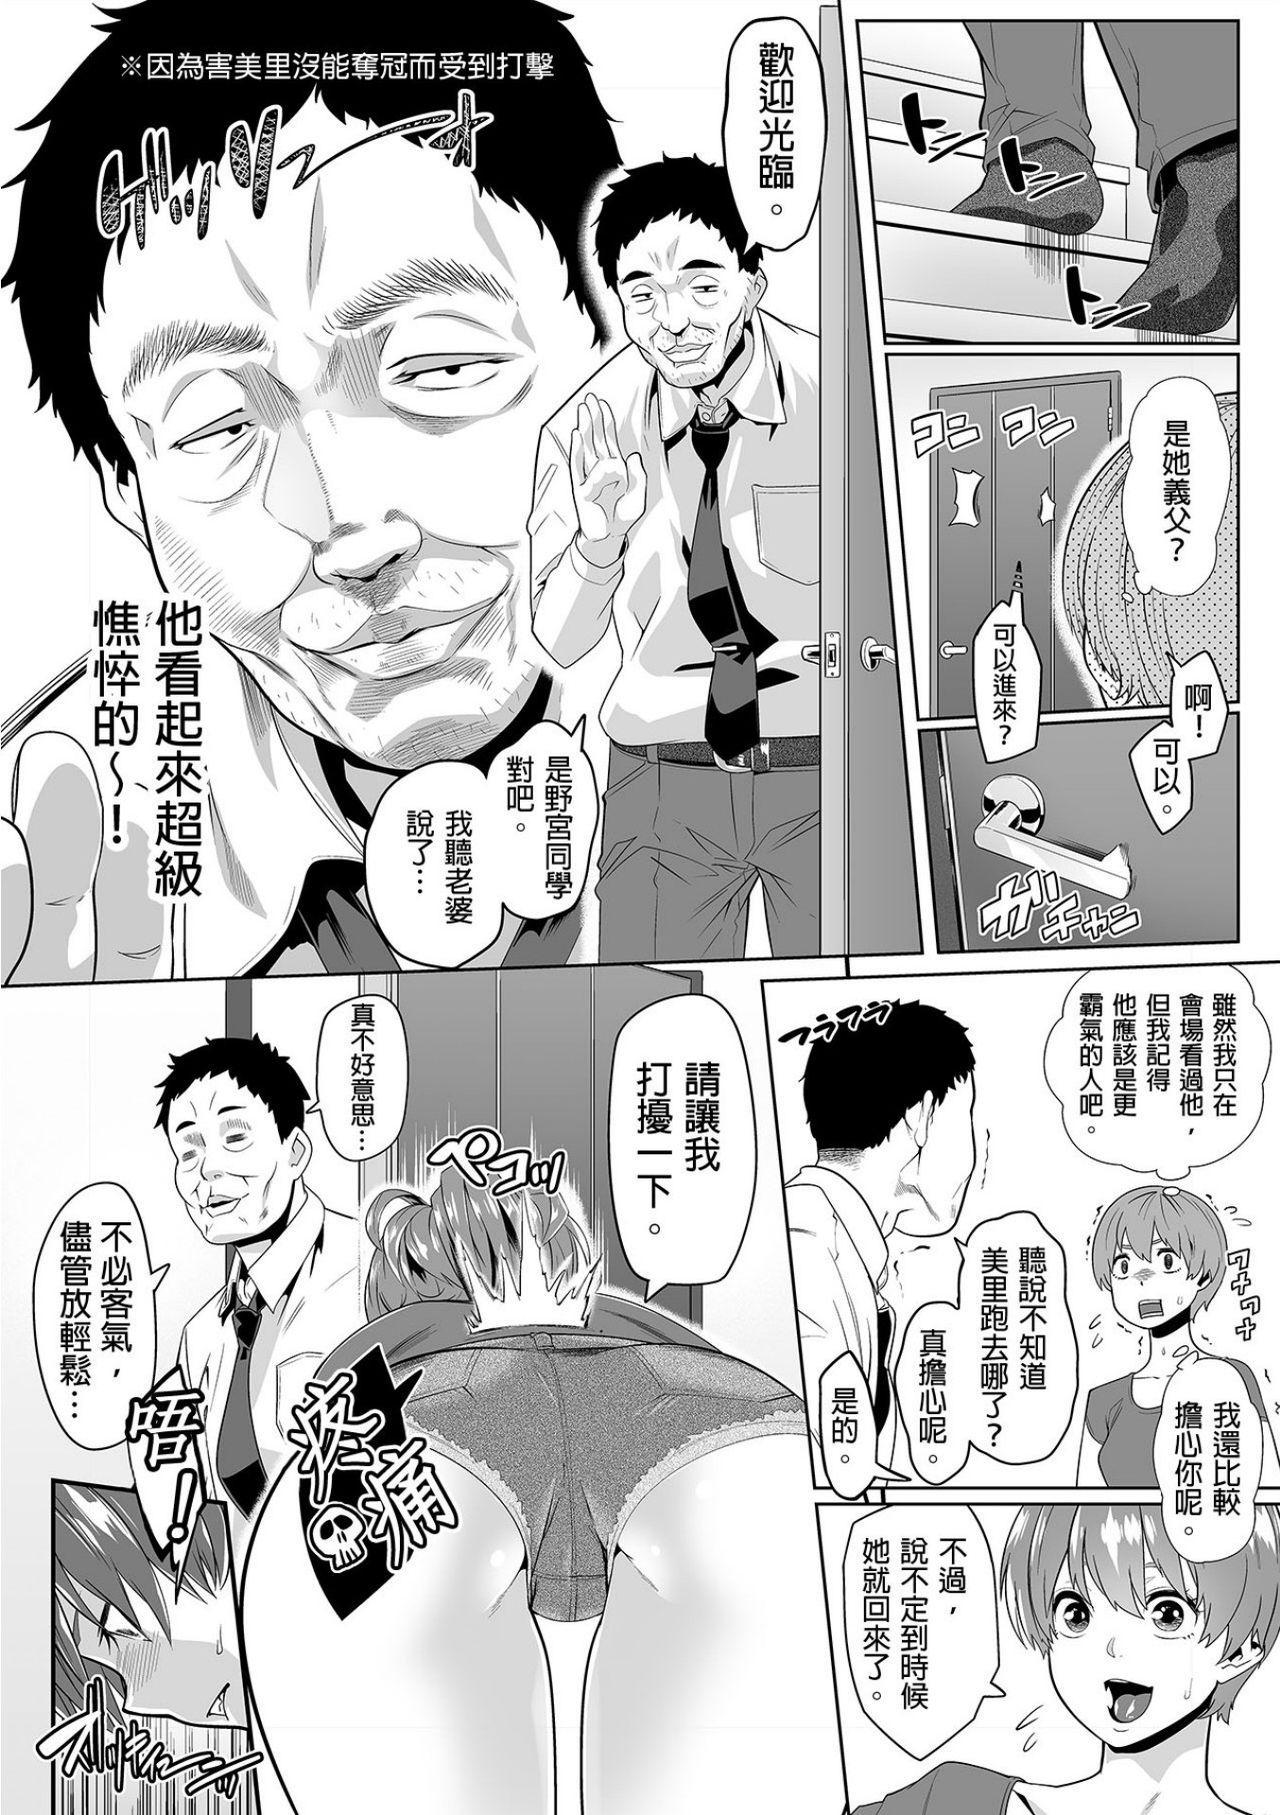 [Qunami Himehiko, Akahige] Gifu no Nurunuru Massage ~Musume no Kori o Asa kara Kurikuri~ | 義父的濕答答按摩~一早幫忙女兒放鬆肌肉~ Ch. 9 [Chinese] 2